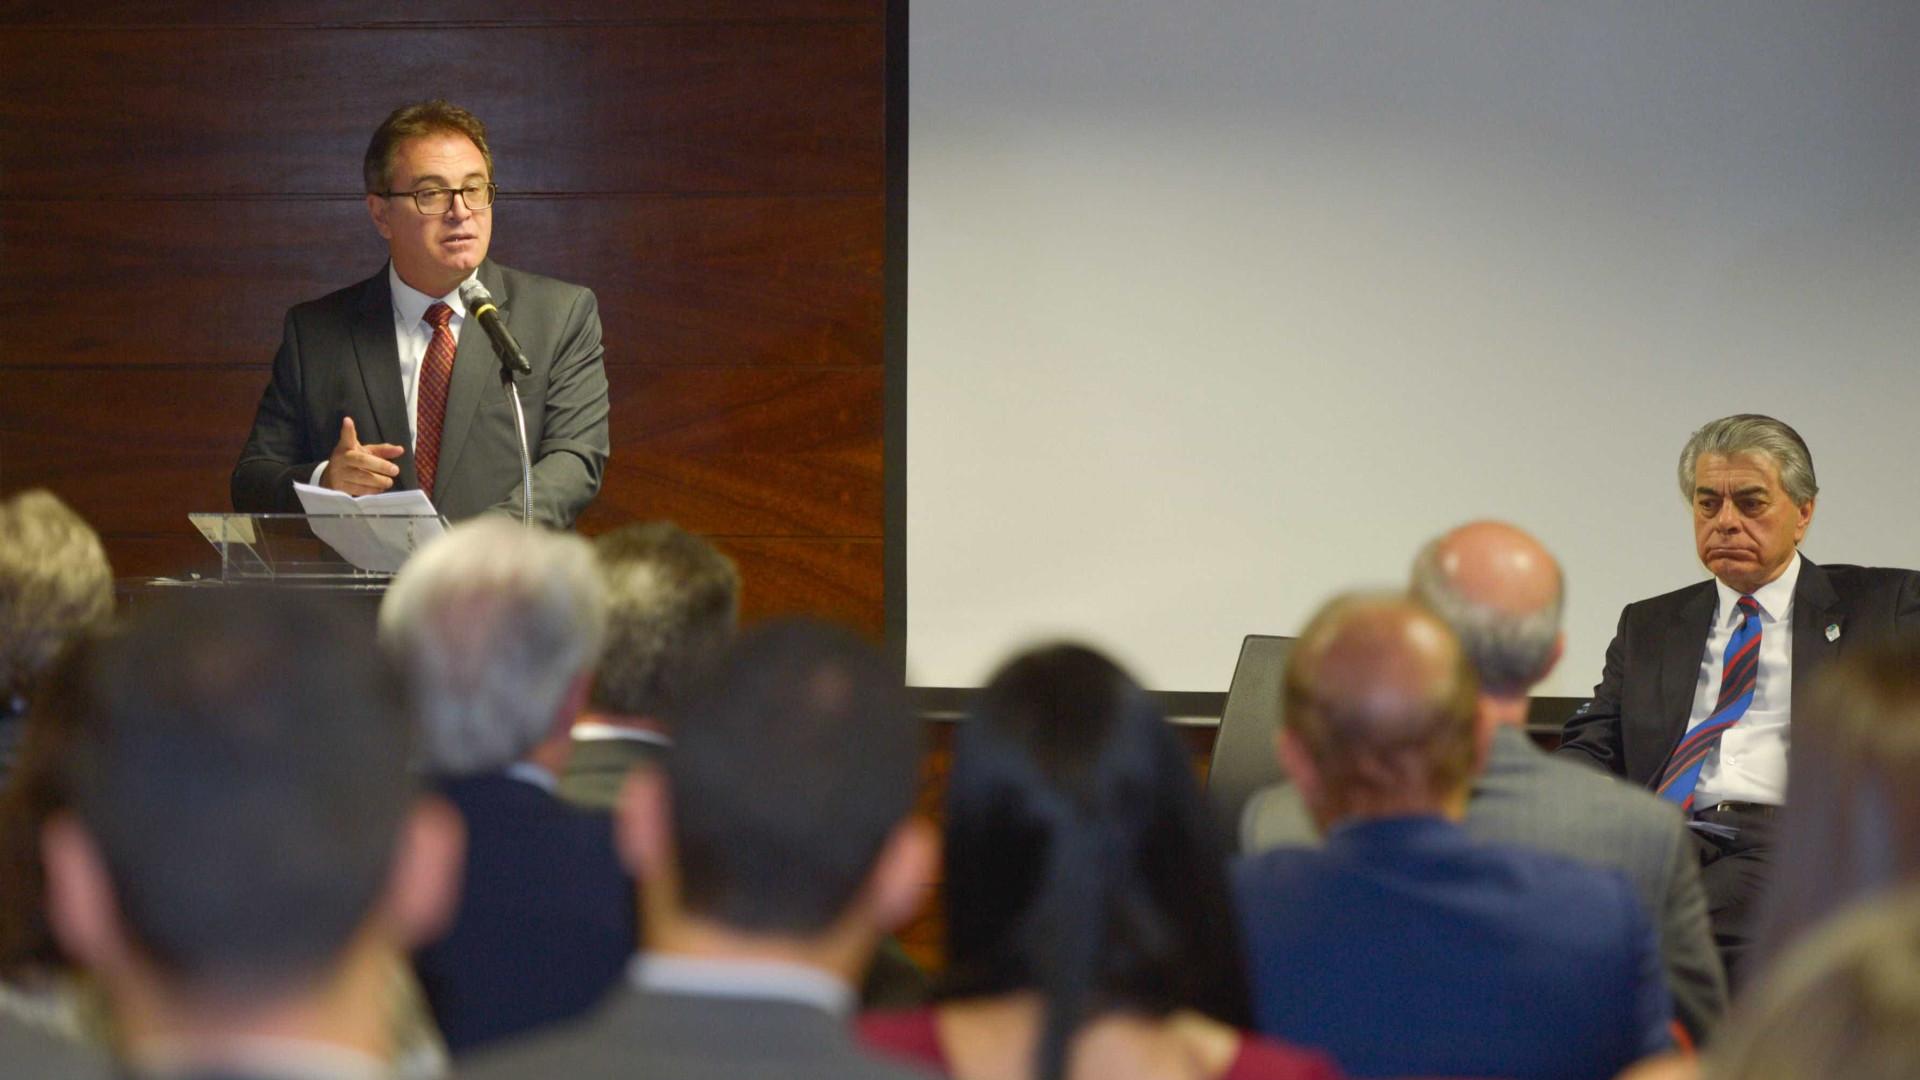 Presidente da Embratur reitera avanços de programa para o turismo